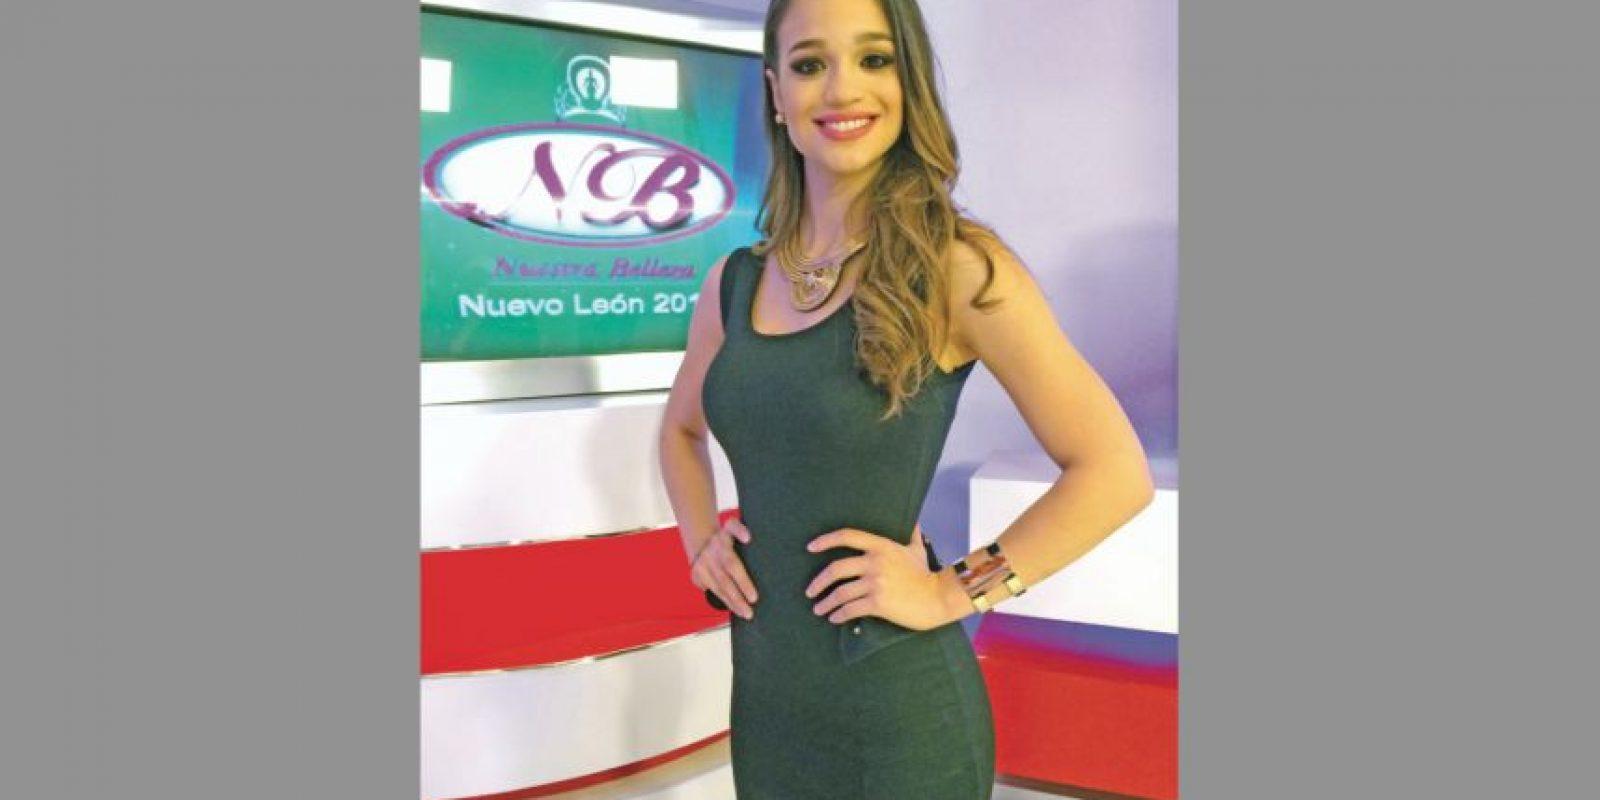 24 años, 1.70 metros. Es licenciada en Administración de Empresas. Foto:Daniela Pérez